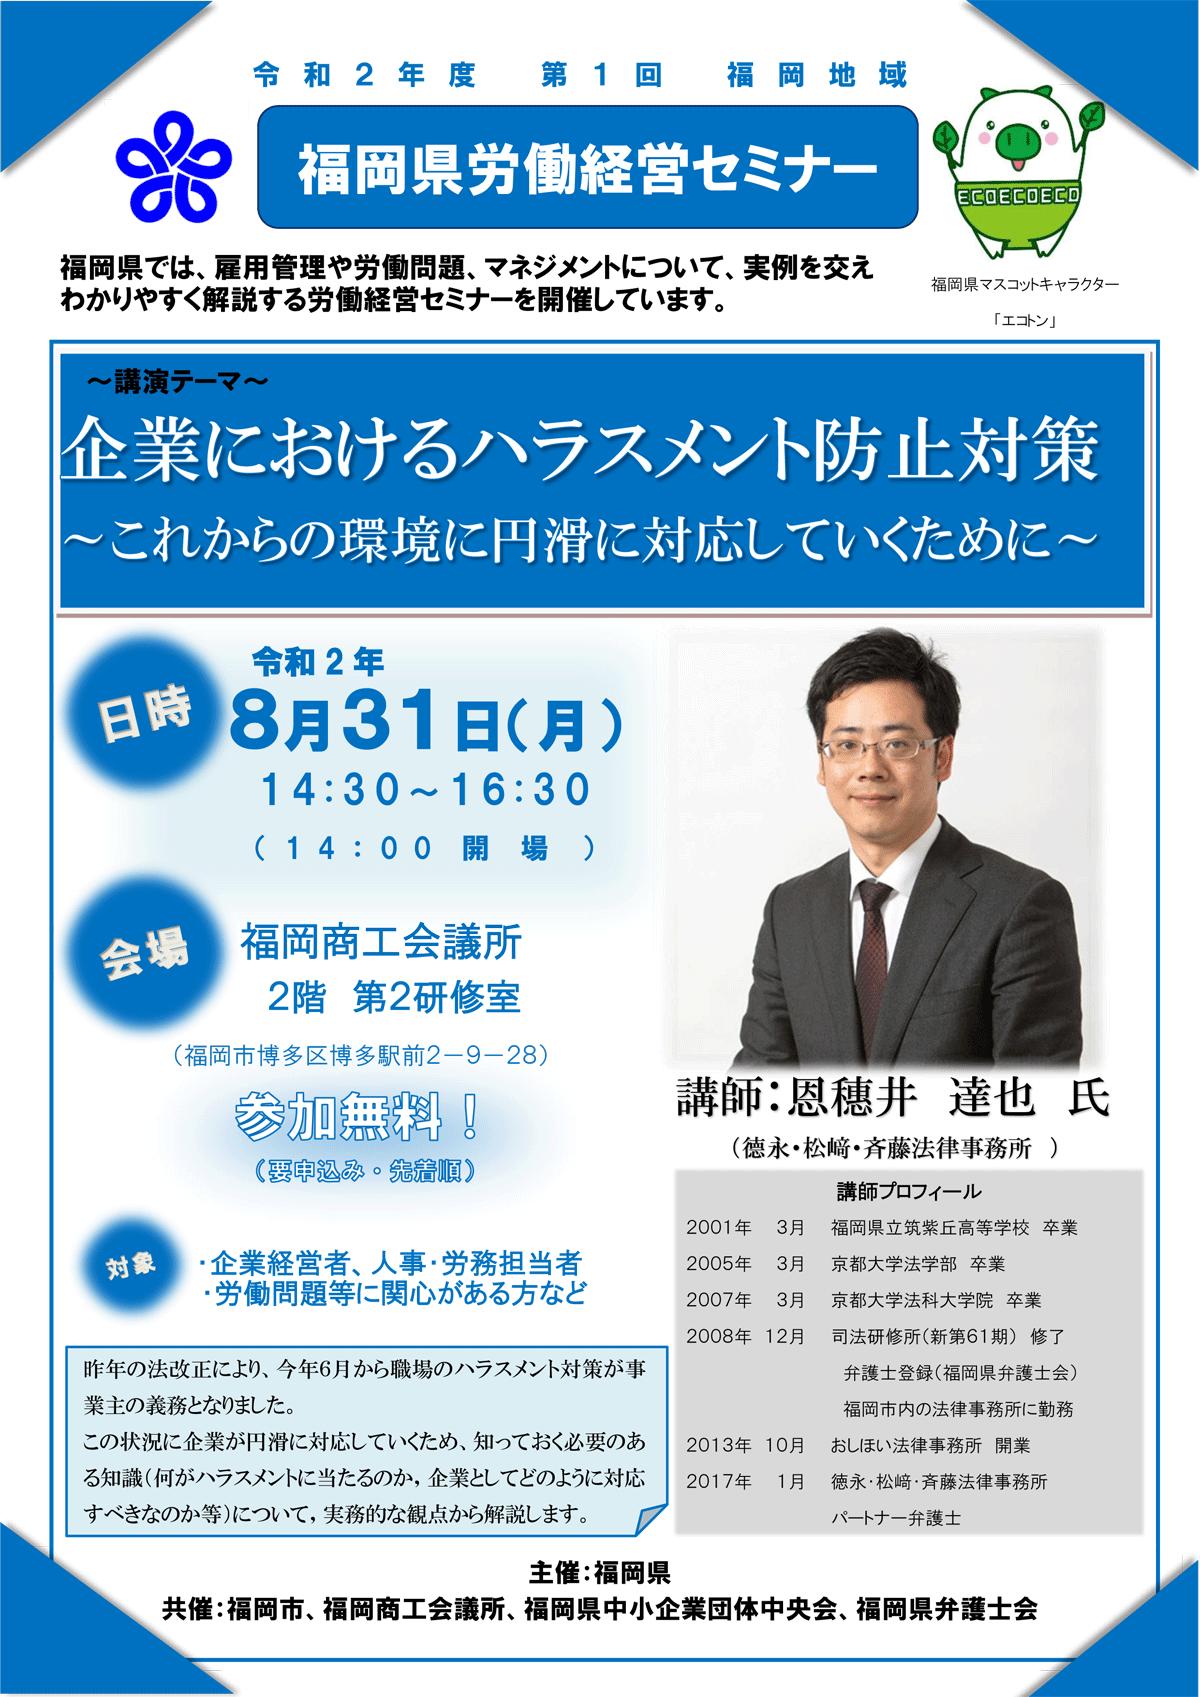 弁護士 会 県 福岡